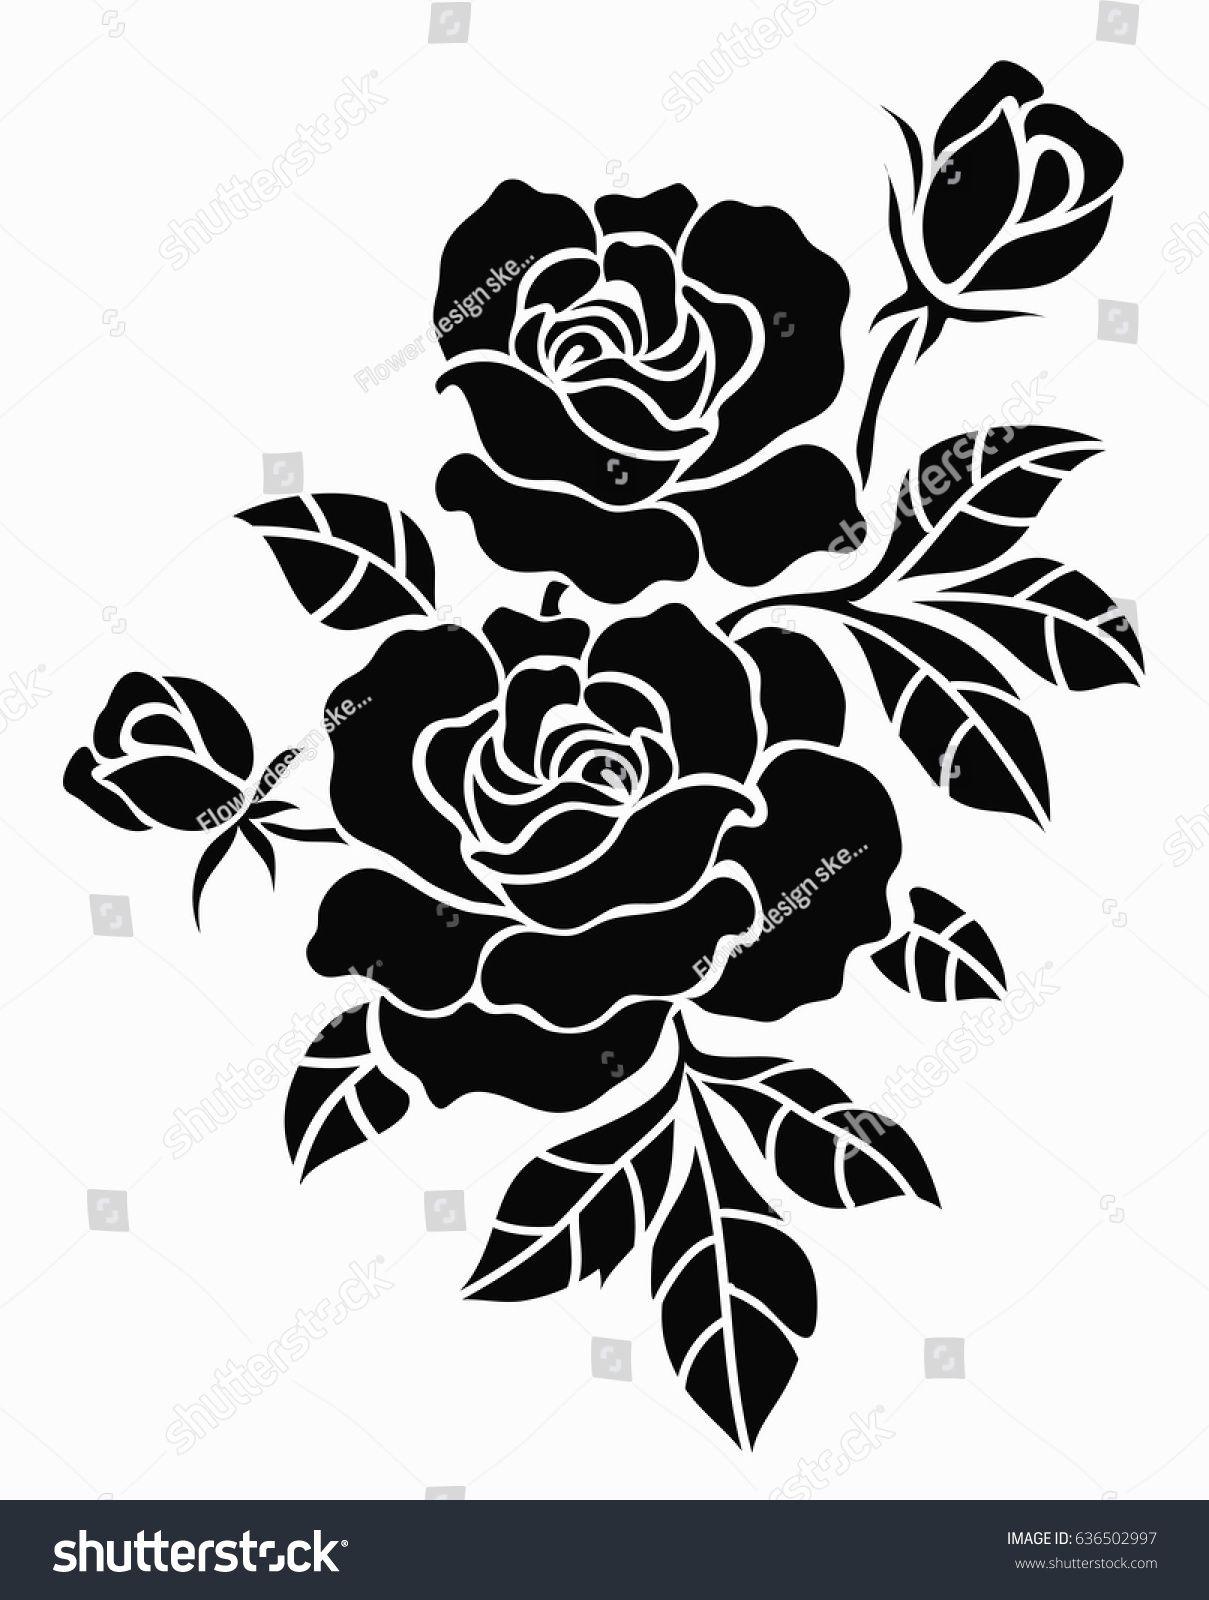 Flower Motif Sketch For Design N Sponsored Affiliate Motif Flower Designn Sketch Flower Stencil Patterns Floral Stencil Flower Stencil